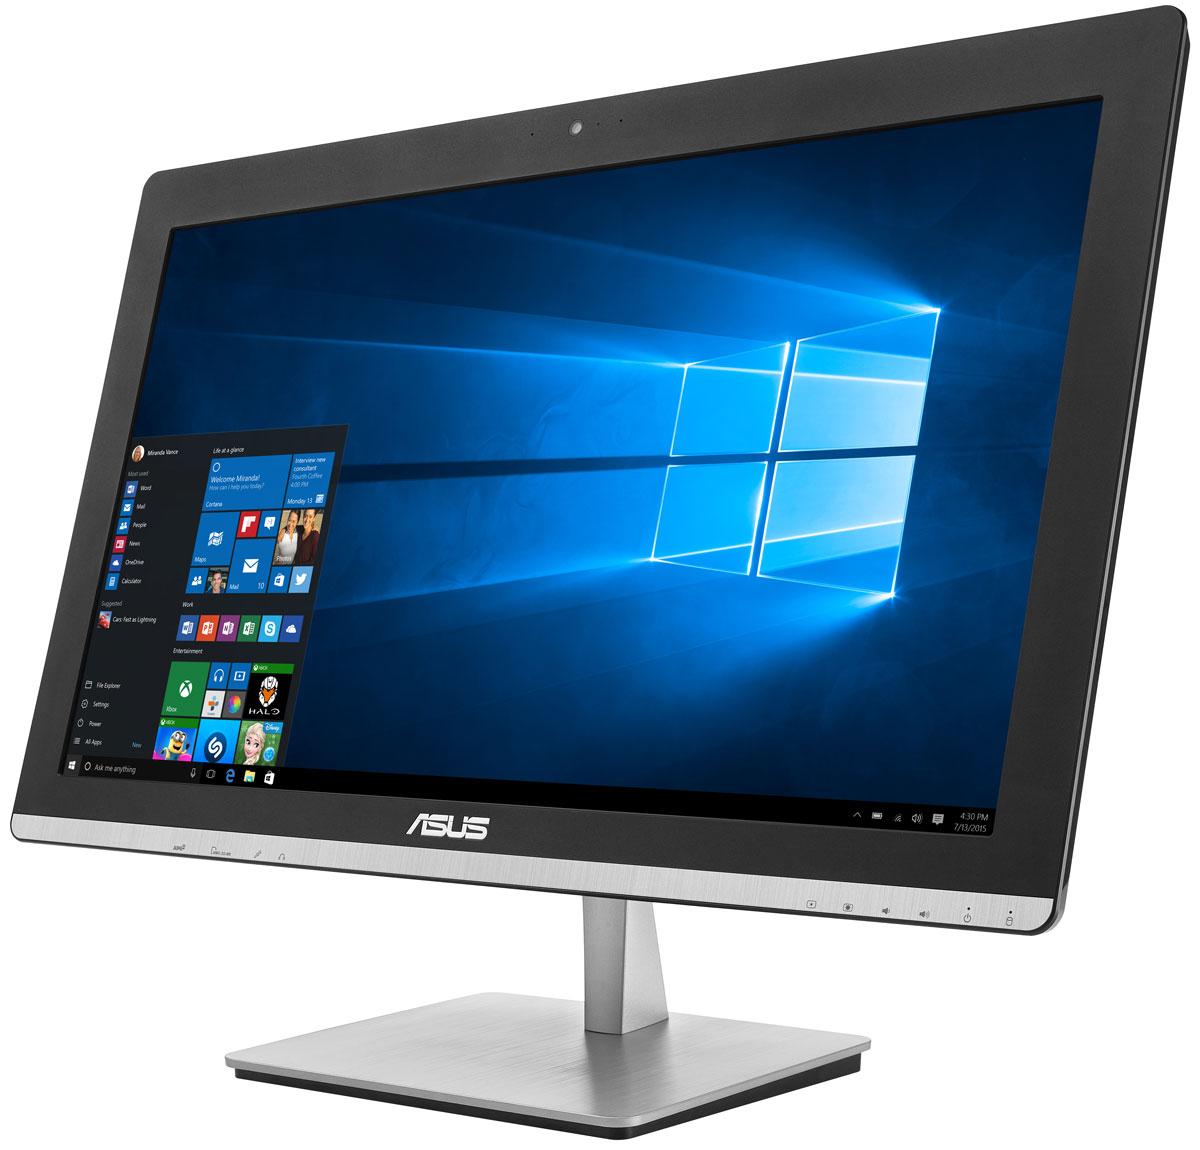 ASUS Vivo AiO V230ICGK-BC274X, Black моноблокV230ICGK-BC274XУстройство Asus V230ICGK - это полноценный моноблочный компьютер, включающий в себя дисплей, процессор, видеокарту, оперативную и пользовательскую память. Он выполнен в красивом корпусе, который будет удачно смотреться в домашнем интерьере.Компактное полнофункциональное устройство, такое как моноблочный компьютер Asus V230ICGK, идеально подходит для современного дома, поскольку его можно использовать для самых различных приложений, как рабочих, так и развлекательных, при этом не засоряя домашний интерьер множеством кабелей и дополнительных приспособлений. Изящная подставка прочно удерживает моноблочный компьютер на месте. В отличие от подставок аналогичных моделей, ее верхний конец прикреплен к задней панели дисплея, а не к его основанию.Моноблочный компьютер Asus V230ICGK оснащается процессором Intel Pentium G4400T, который показывает высокую производительность при низком энергопотреблении. С ним можно комфортно выполнять любые задачи, от веб-серфинга и создания мультимедийных презентаций до редактирования видеороликов.Моноблок Asus V230ICGK оснащен современной графической подсистемой. NVIDIA GeForce 930M поможет ускорить процесс создания видео в HD-качестве и обработку фотографий, а также даст возможность насладиться плавной визуализацией и отменной реакцией в современных играх.Asus V230ICGK обладает ультратонким экраном со светодиодной подсветкой, обеспечивающим высокую яркость и контрастность изображения. Благодаря широким углам обзора IPS-матрицы картинка на экране моноблока не претерпевает каких-либо искажений цветопередачи при изменении угла, под которым вы смотрите на экран. Разрешение Full HD (1920x1080) позволяет наслаждаться играми и фильмами с безупречной четкостью.Точная цветопередача делает любое изображение на экране этого компьютера невероятно реалистичным, будь то картинка вечернего заката или семейное фото.Благодаря эксклюзивной технологии SonicMaster встроенная аудиосистема Asus V230ICGK 